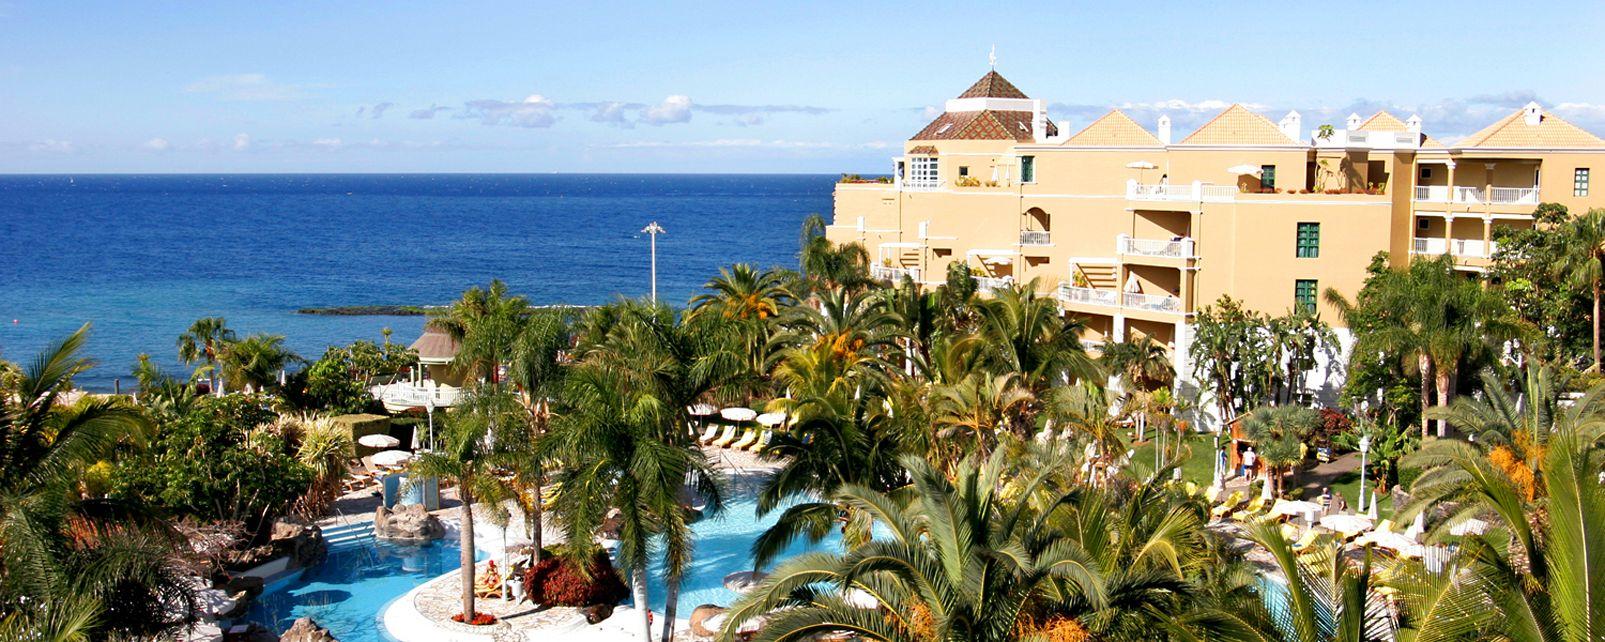 Hotel jardines de nivaria costa adeje for Hotel jardines de uleta vitoria